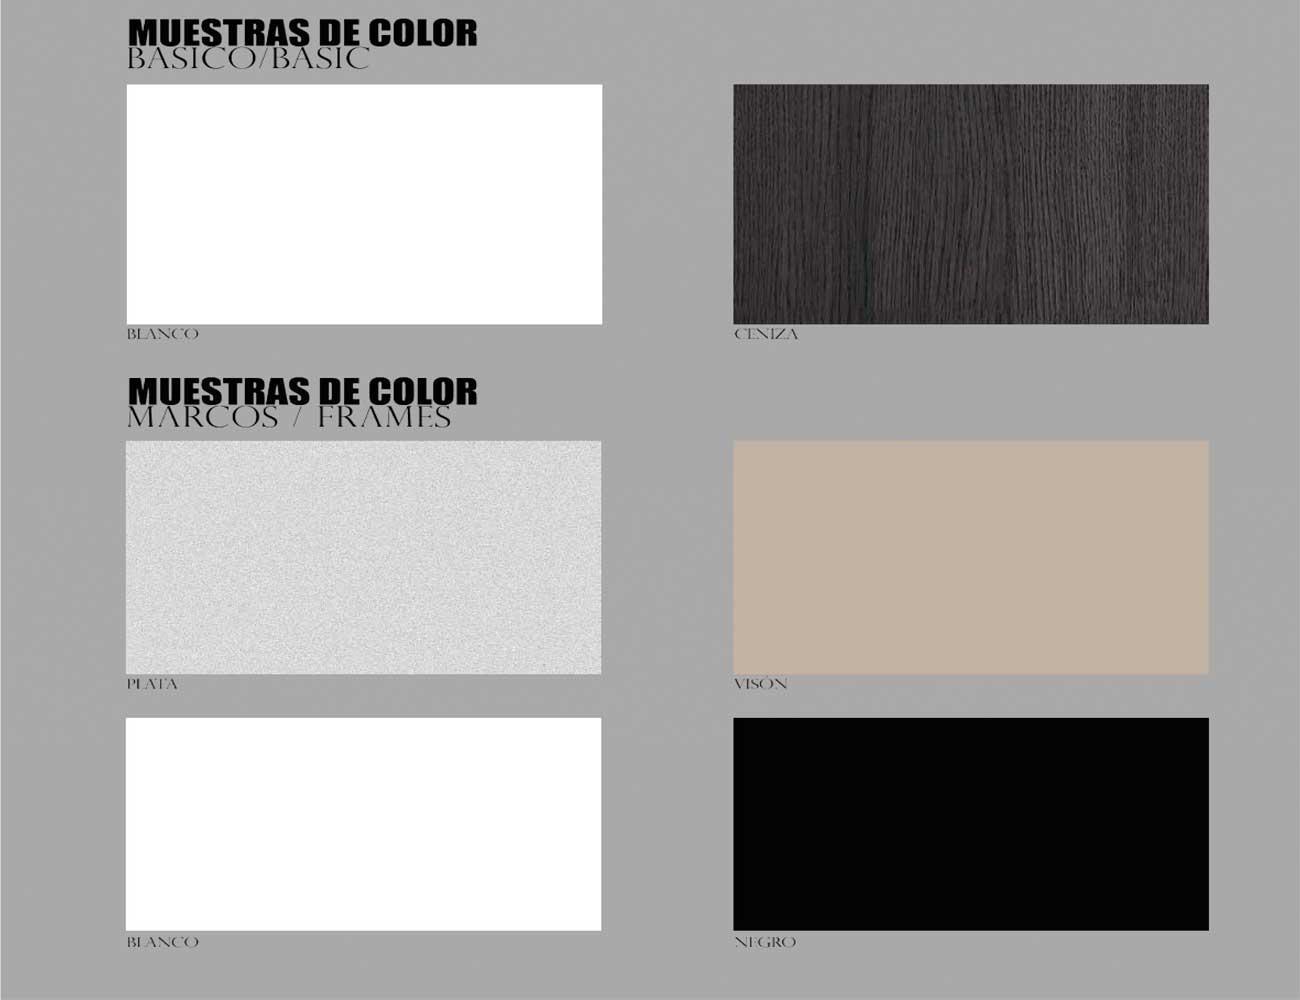 Colores tecnico13